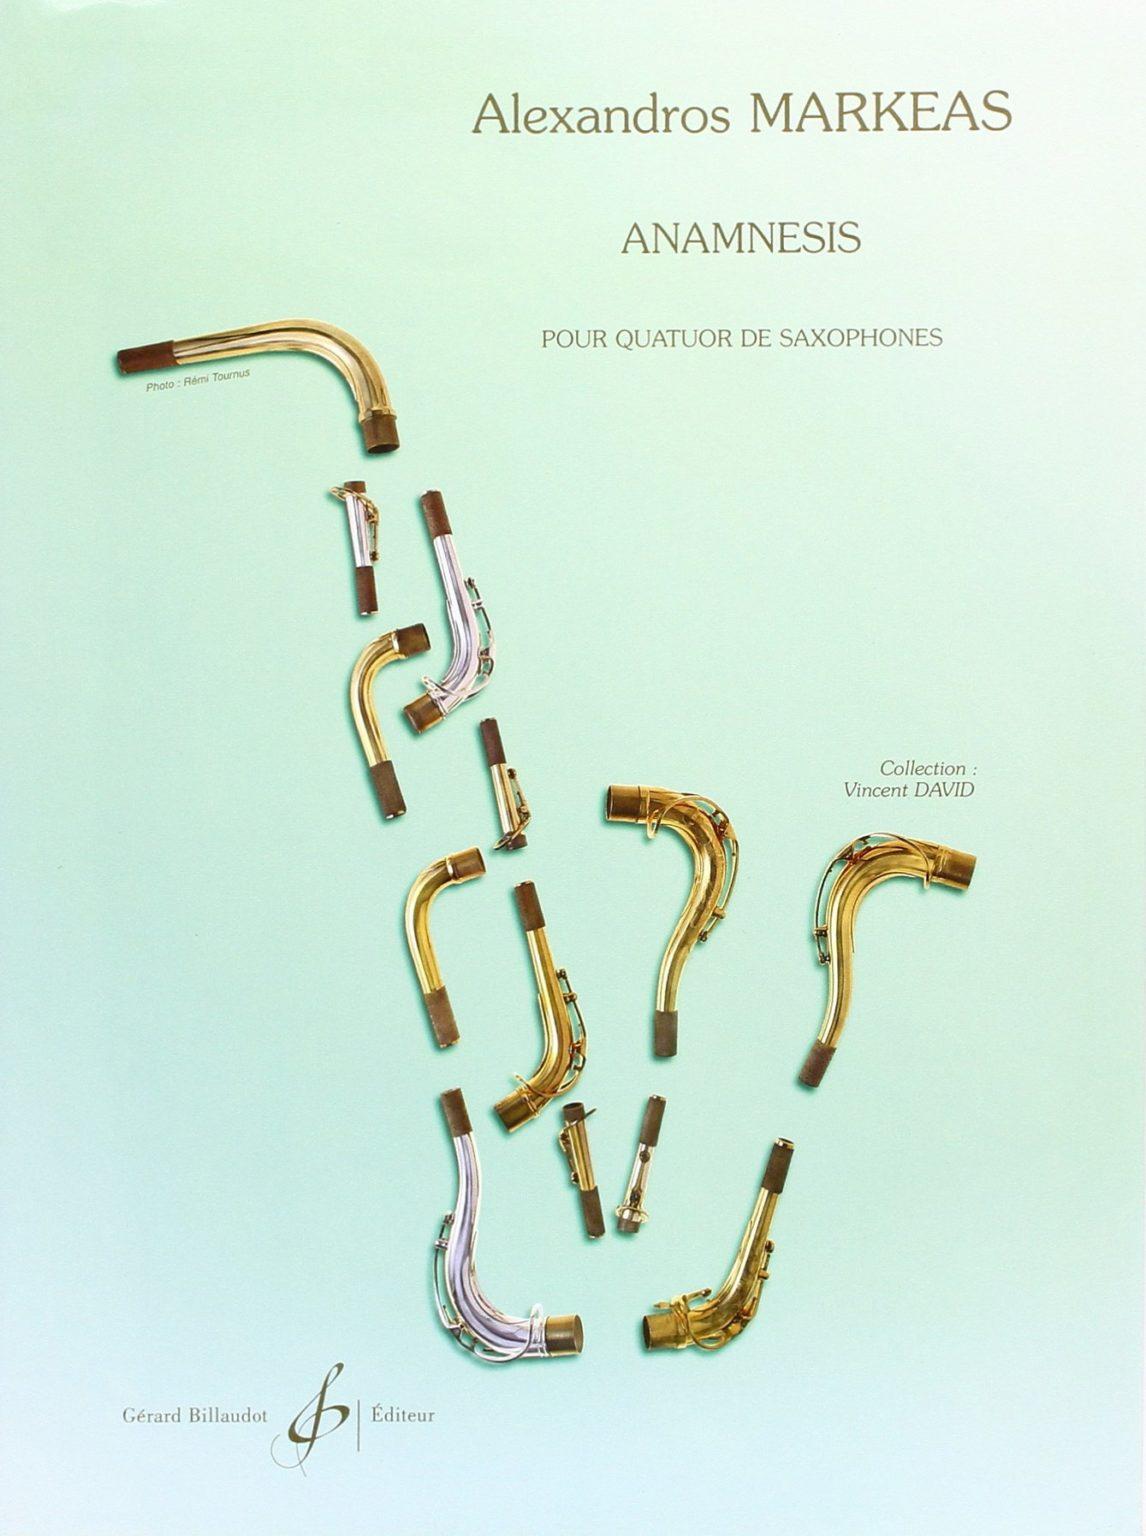 Anamnesis(2002).Alexandros Markeas